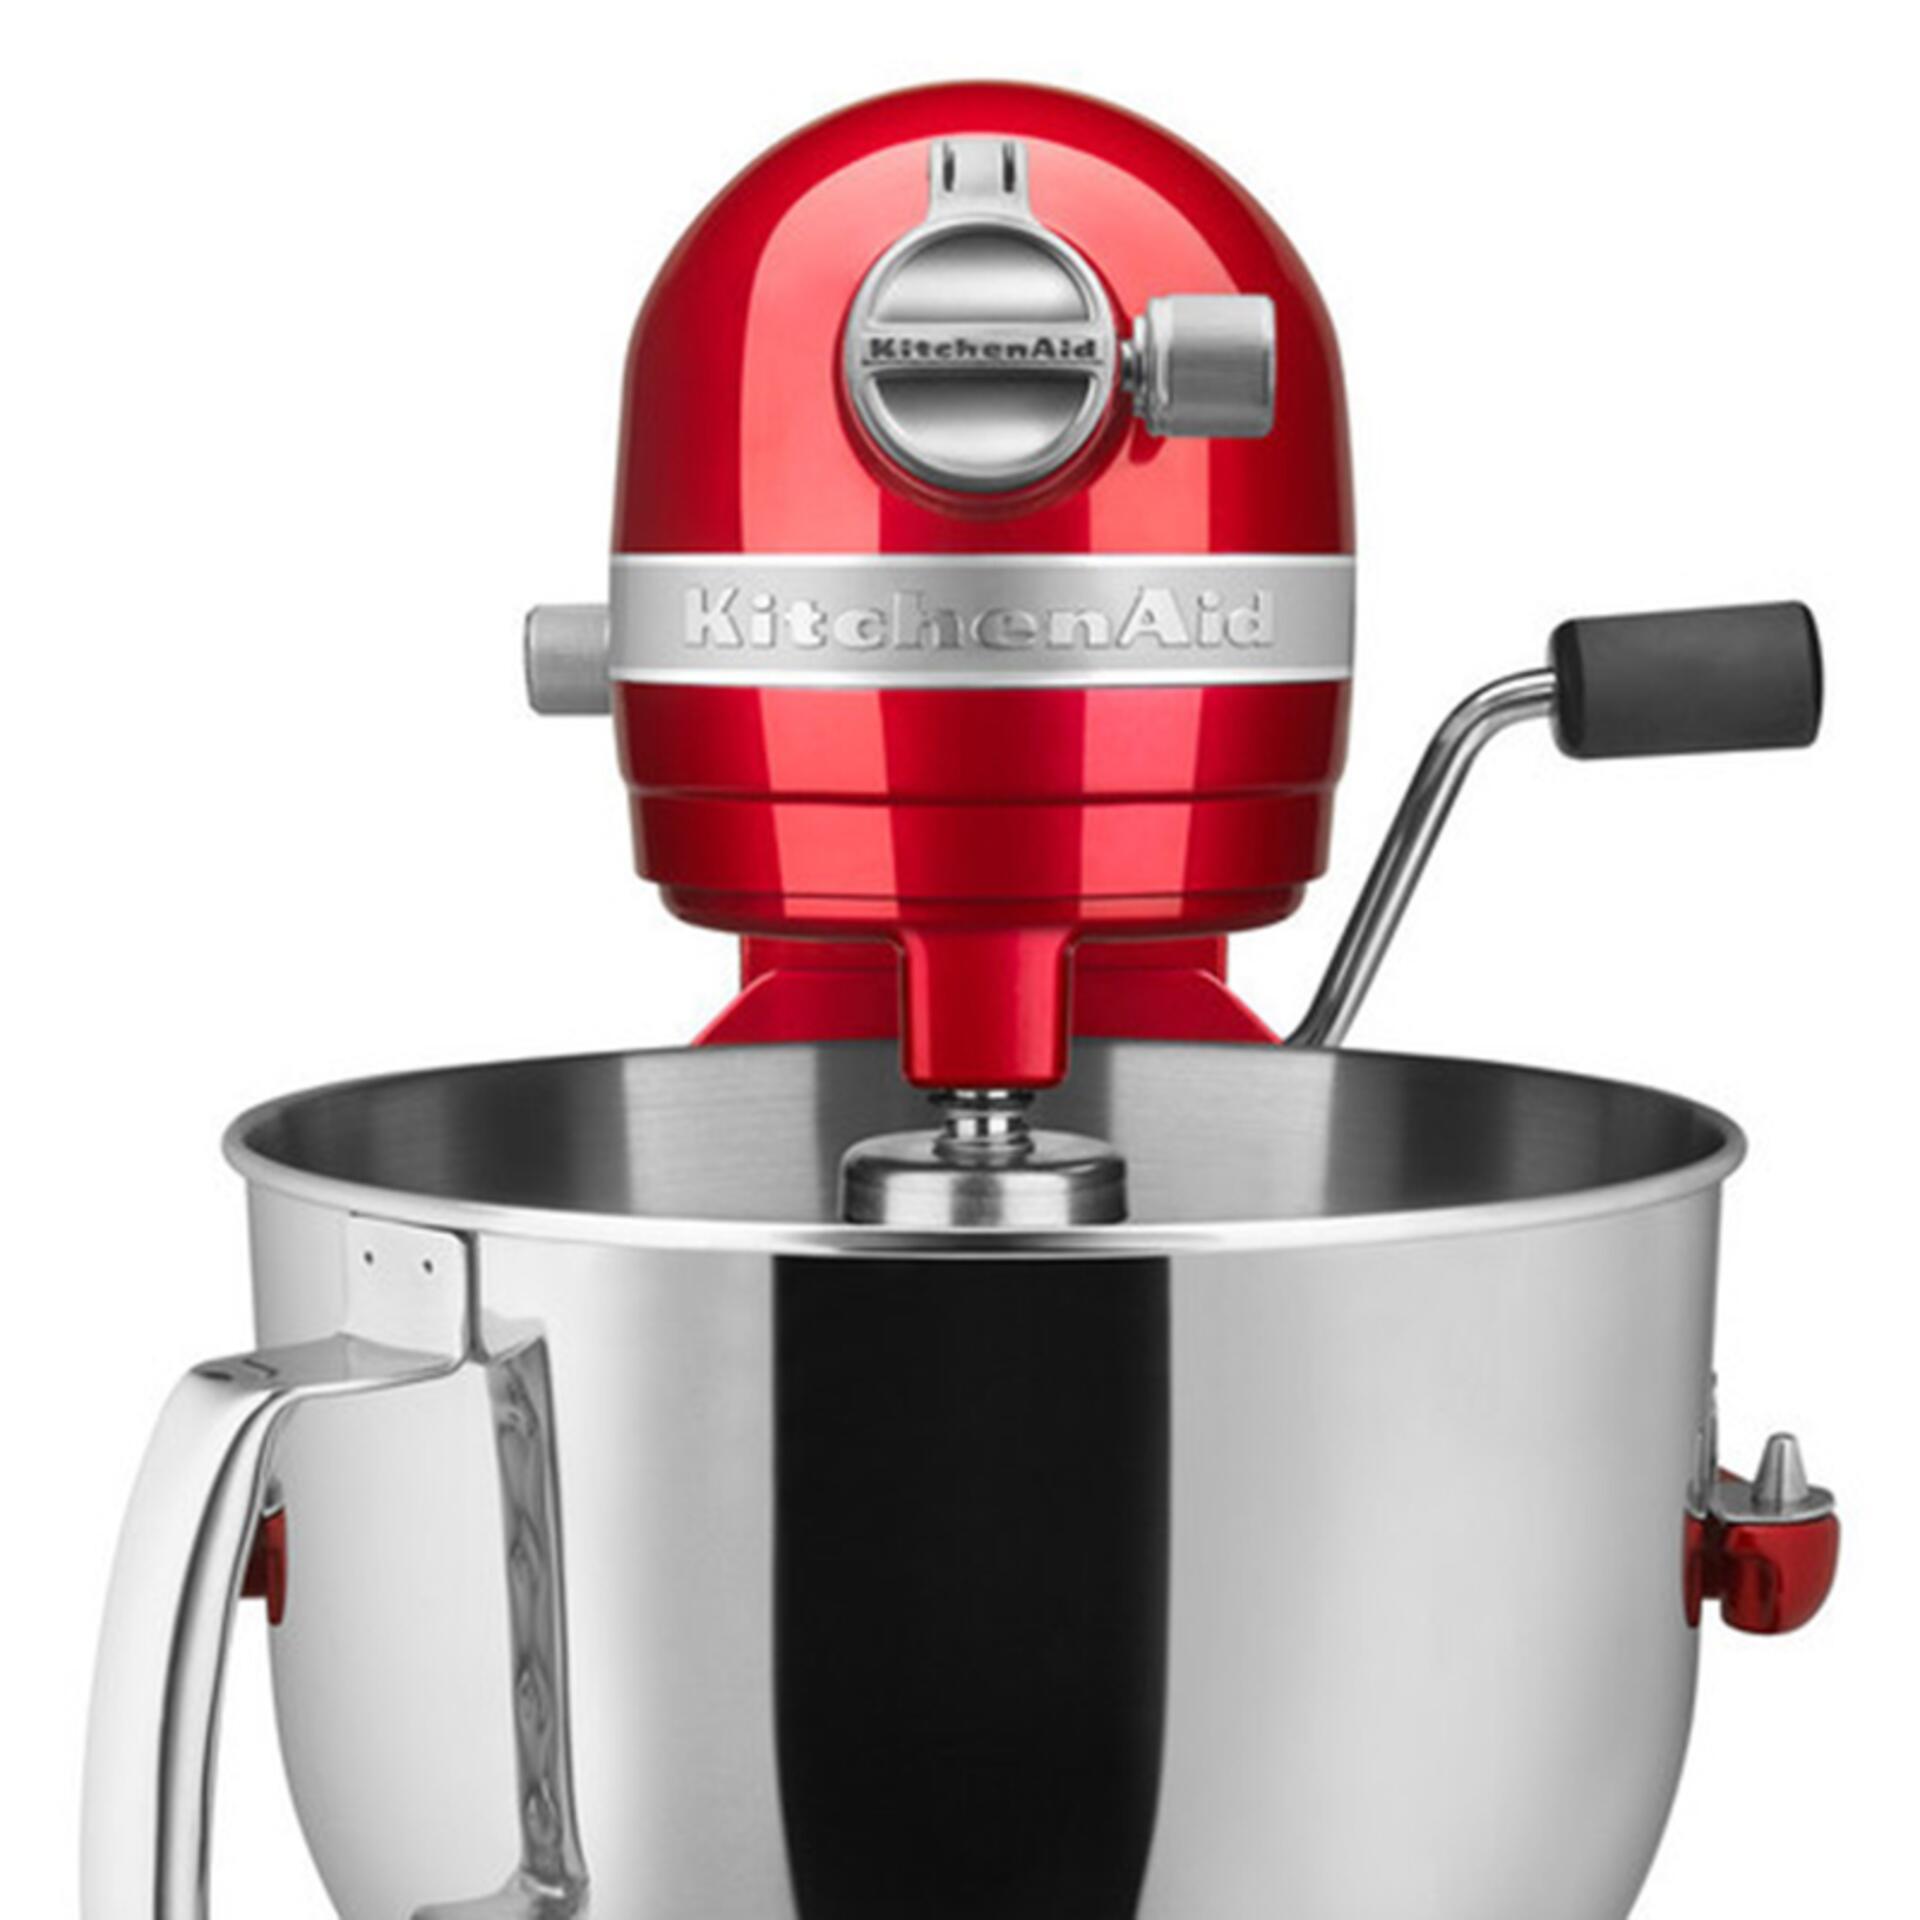 Kitchenaid Artisan Küchenmaschine 6,9 Liter Empire Red 5KSM7580XEER